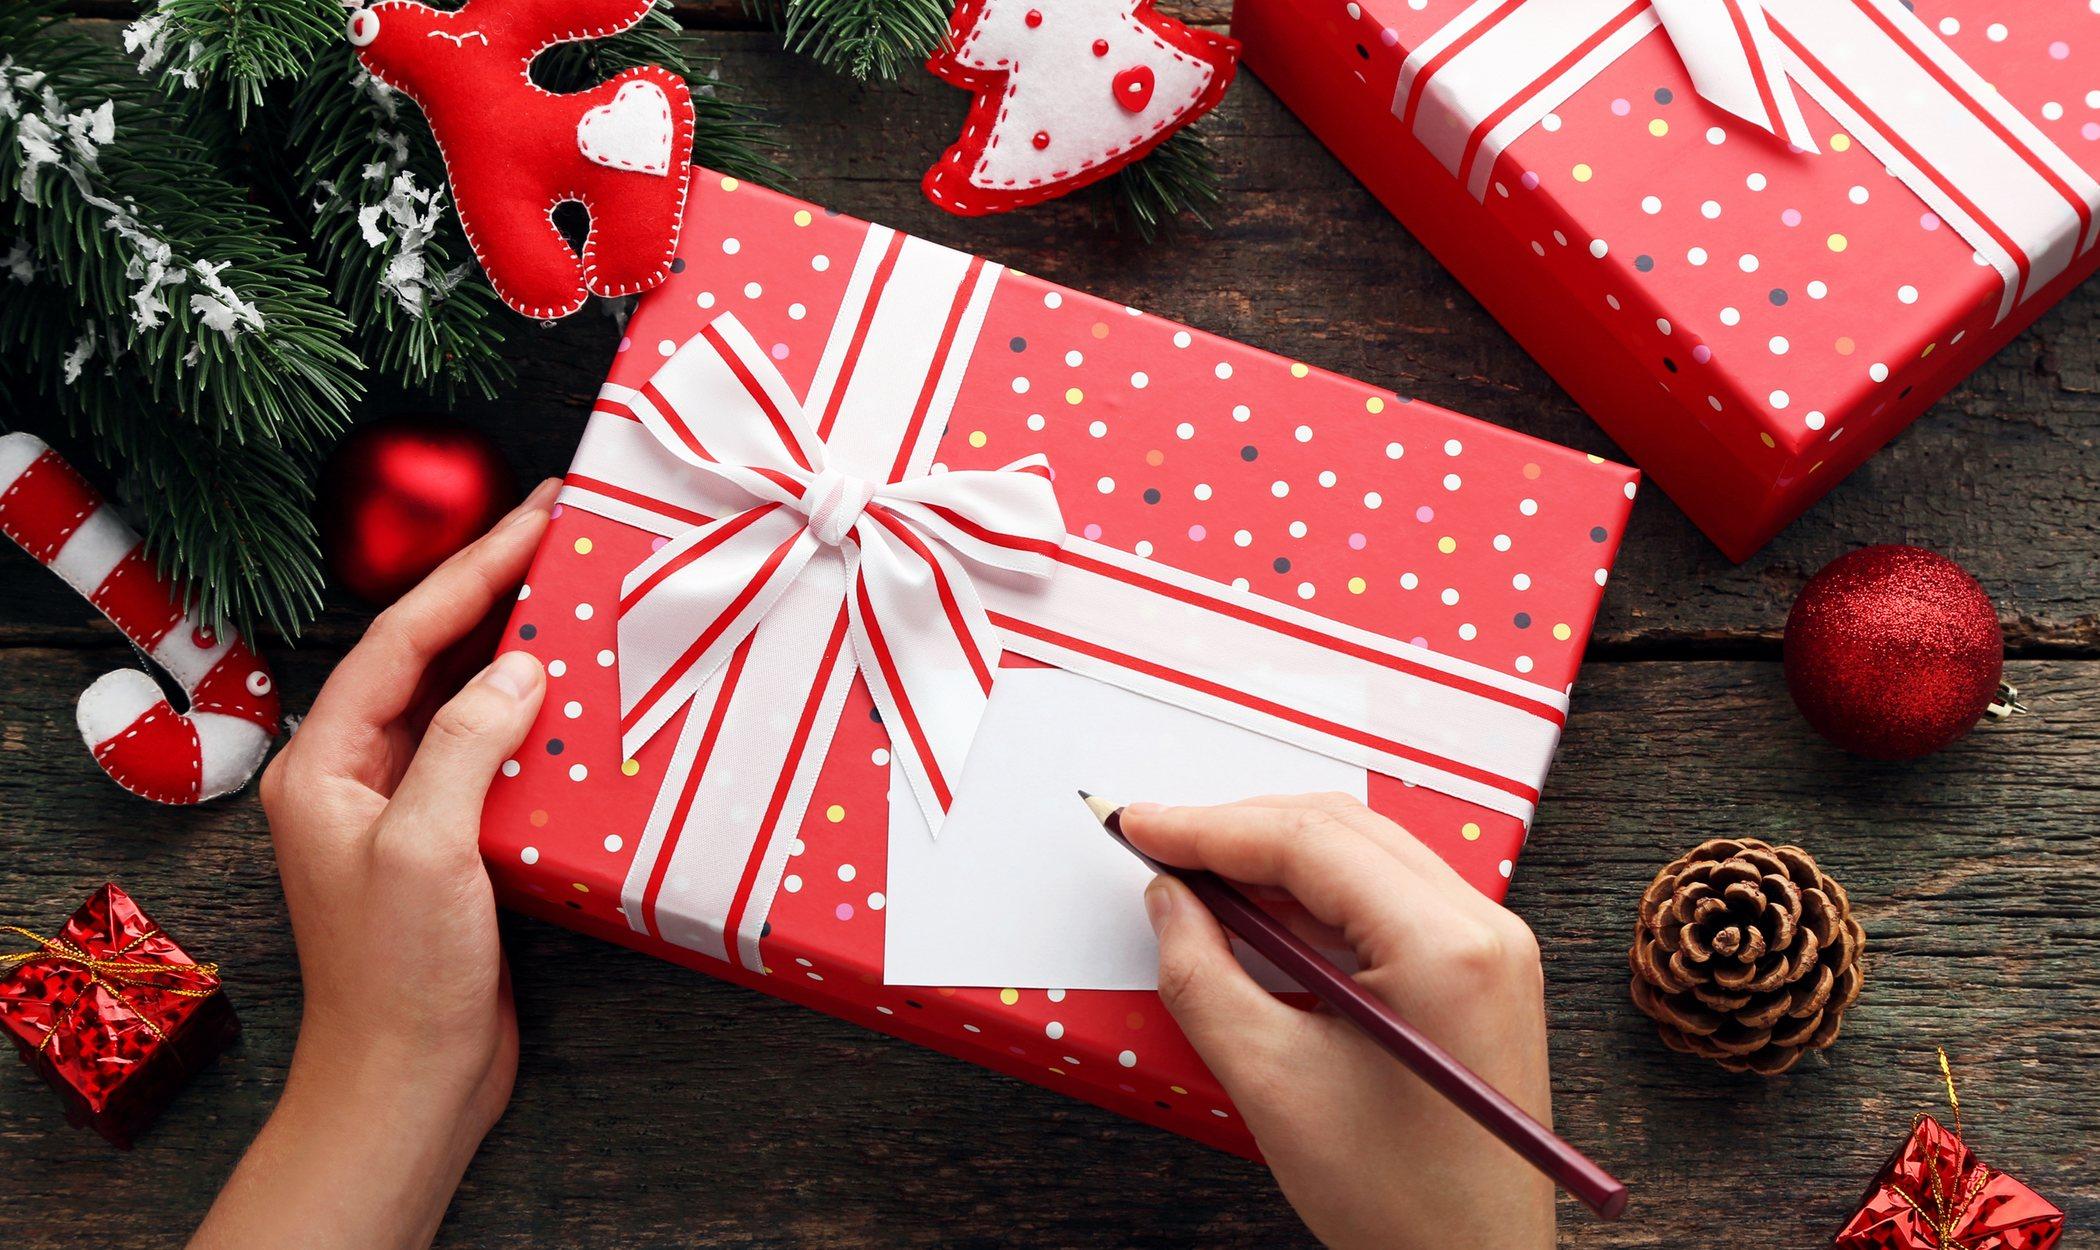 Los mejores regalos para Navidad 2018